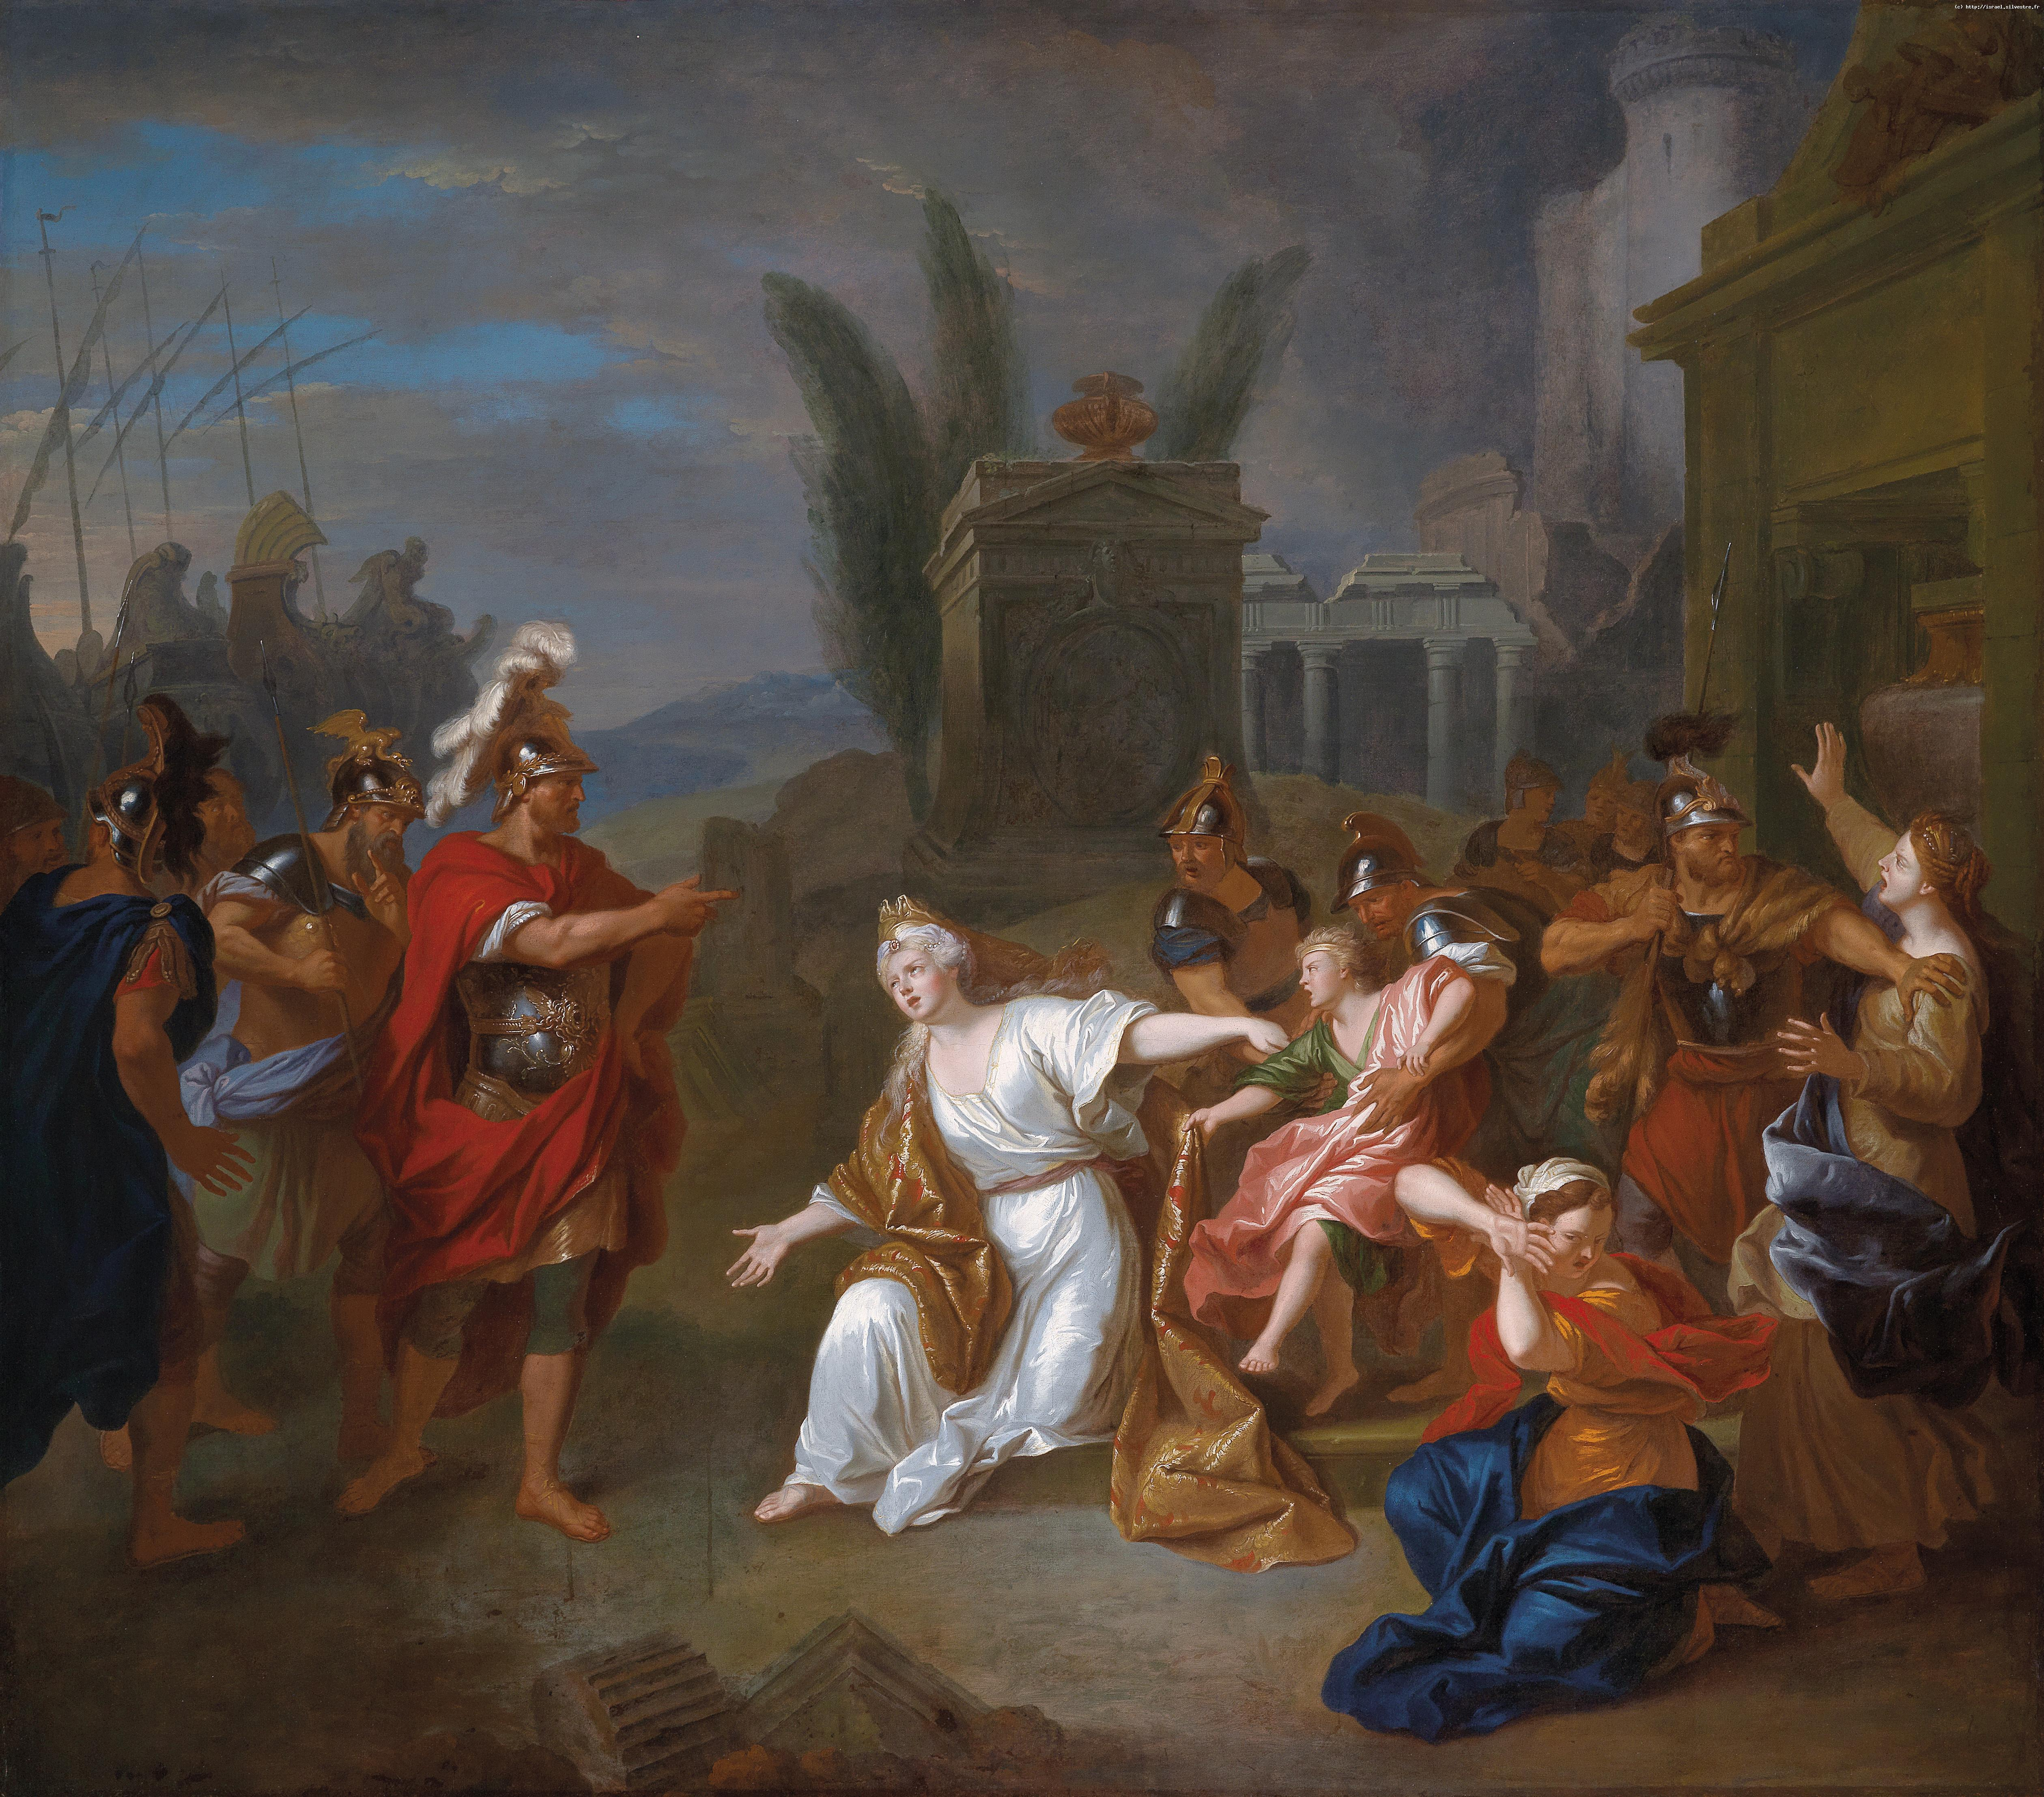 Astyanax enlevé à Andromaque